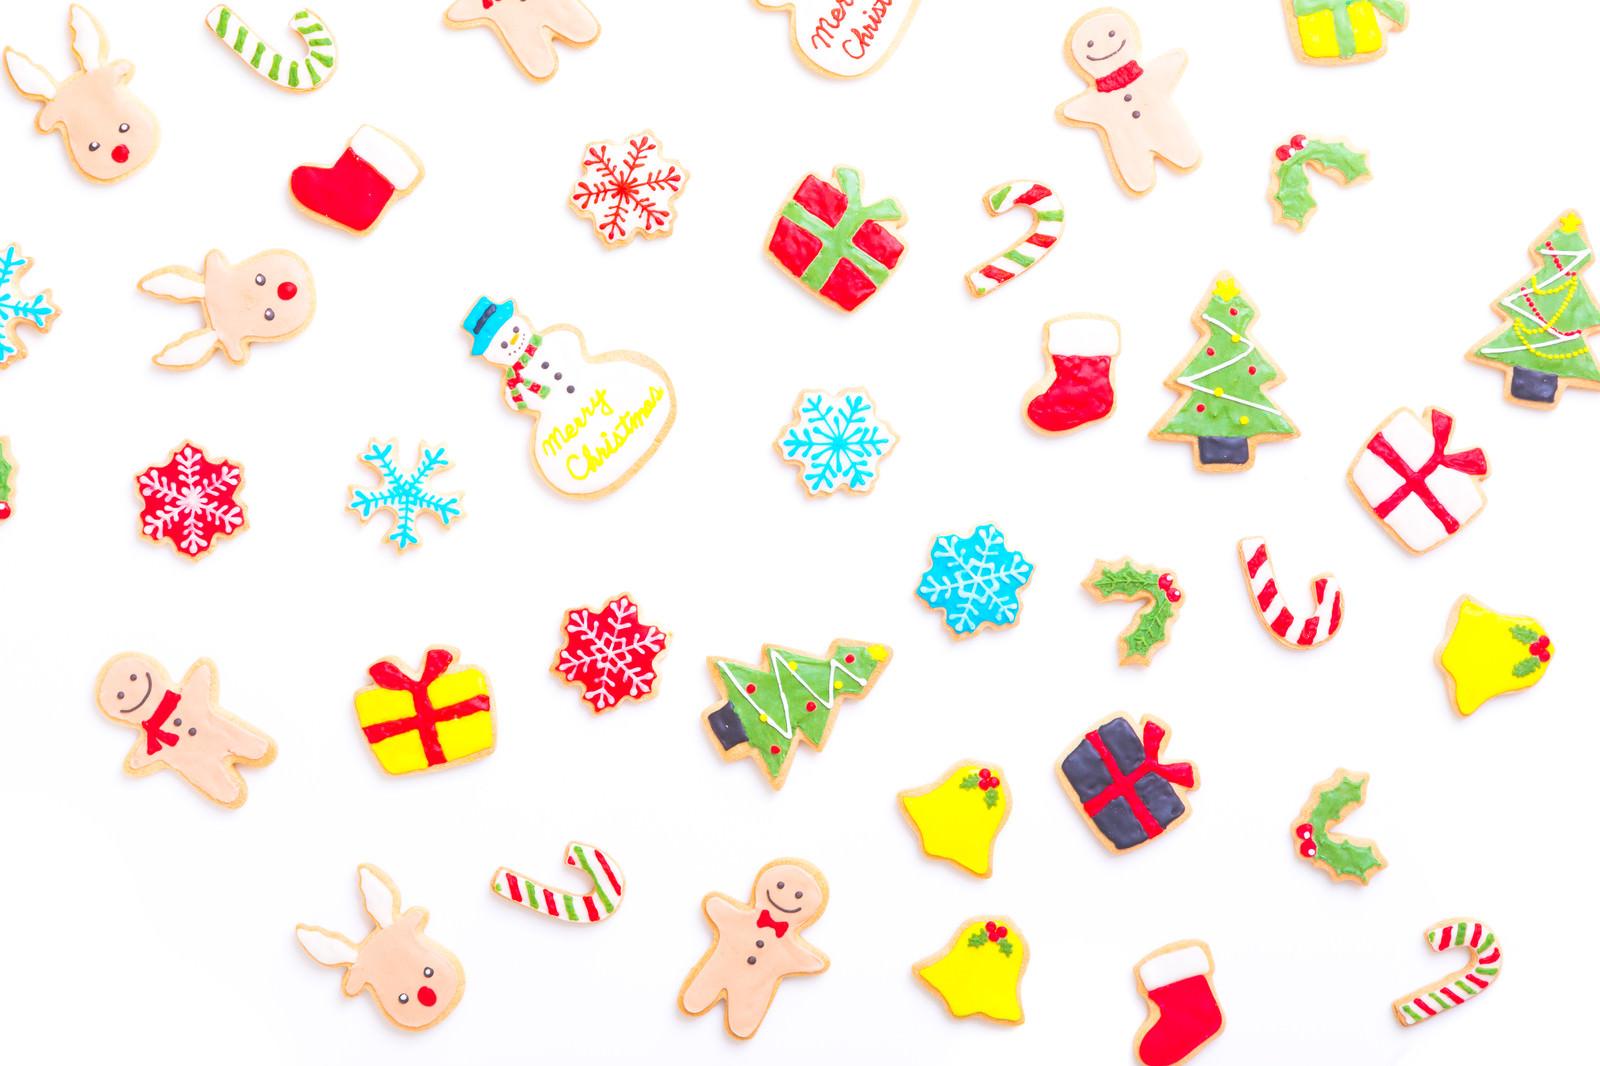 「鮮やかで可愛いクリスマスアイシングクッキー」の写真